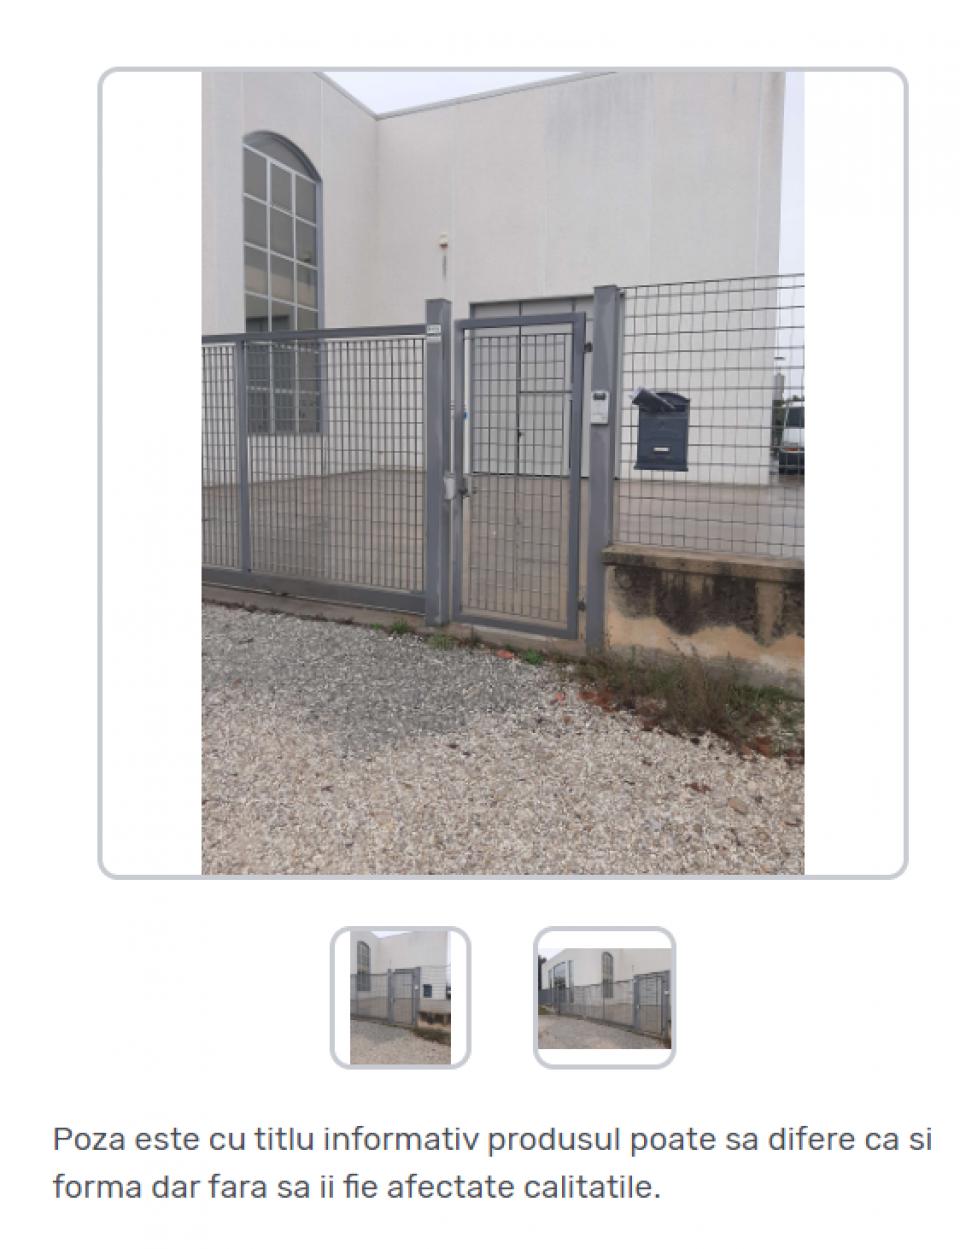 Porti industriale batante zincate42278